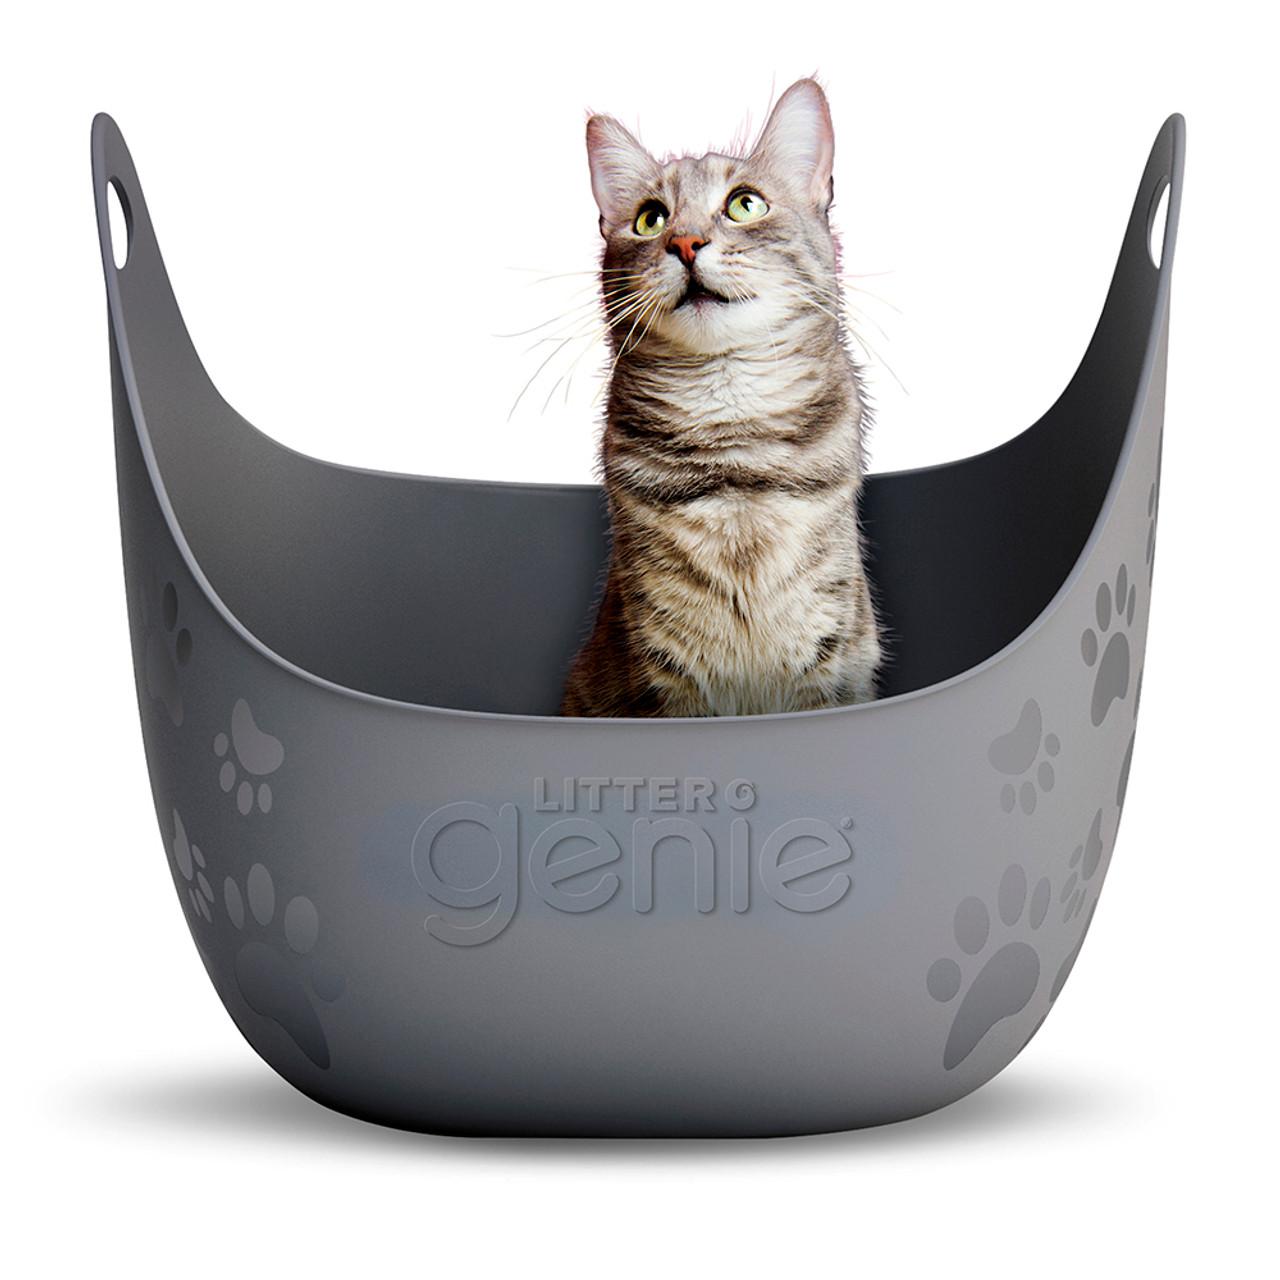 Litter Genie Litter Box